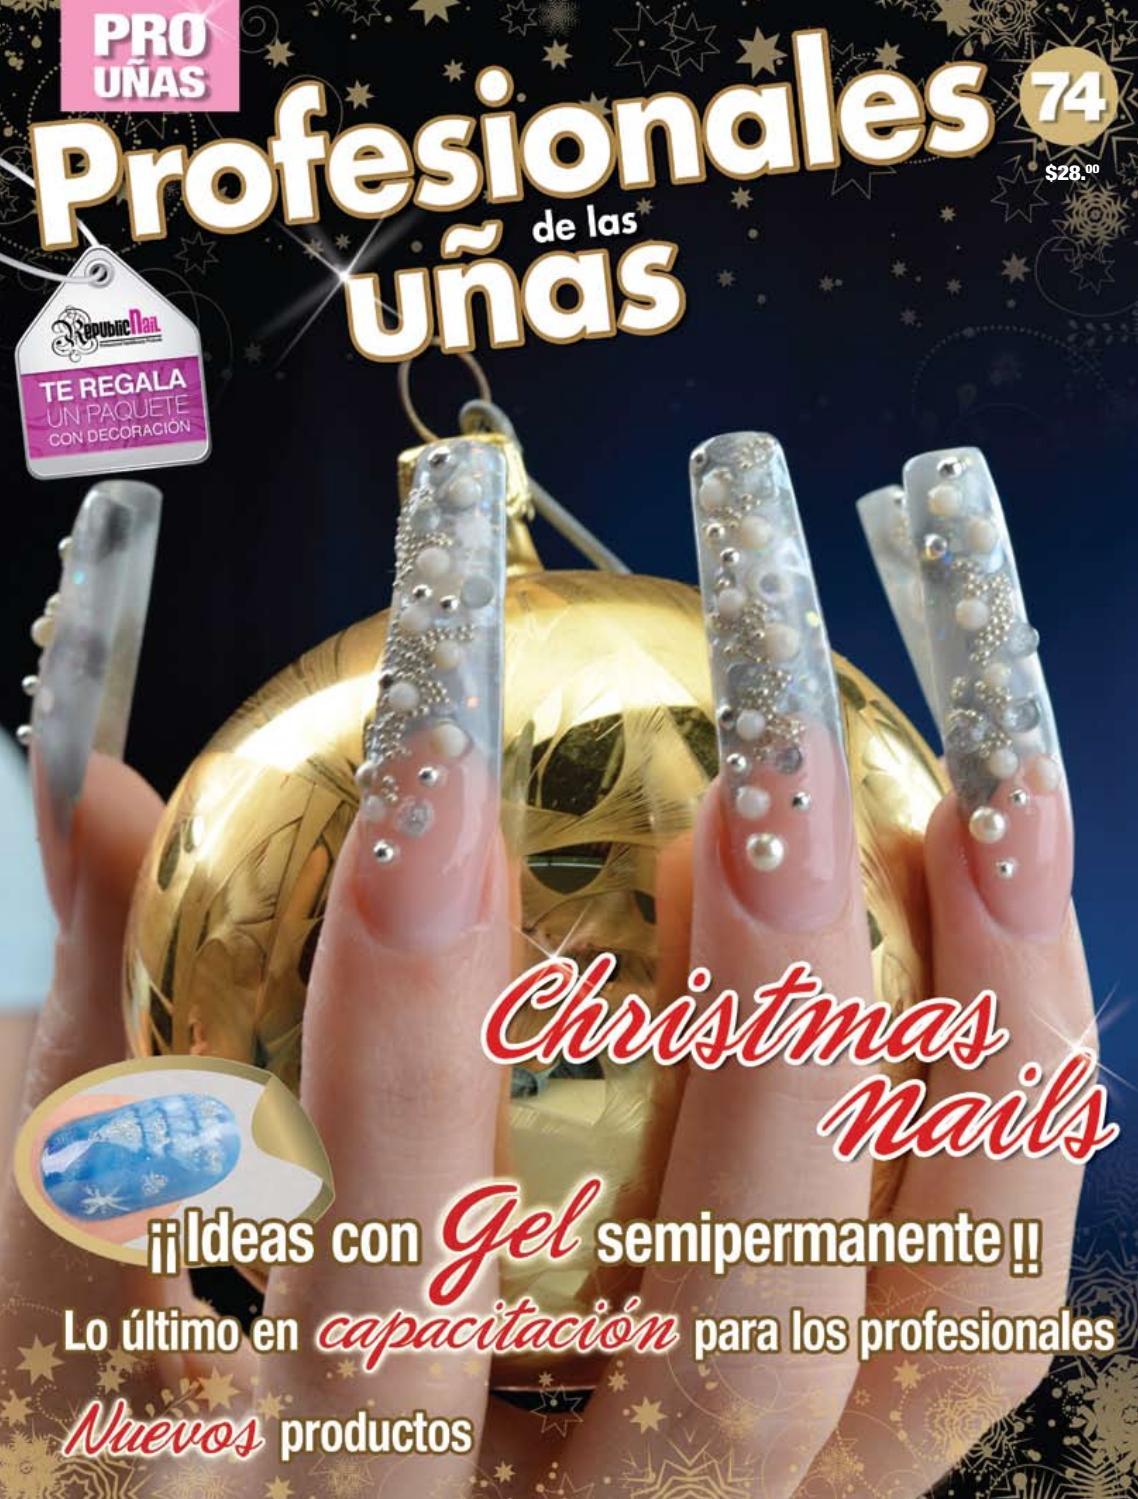 Profesionales de las uñas No. 74 by Editorial Toukan - issuu